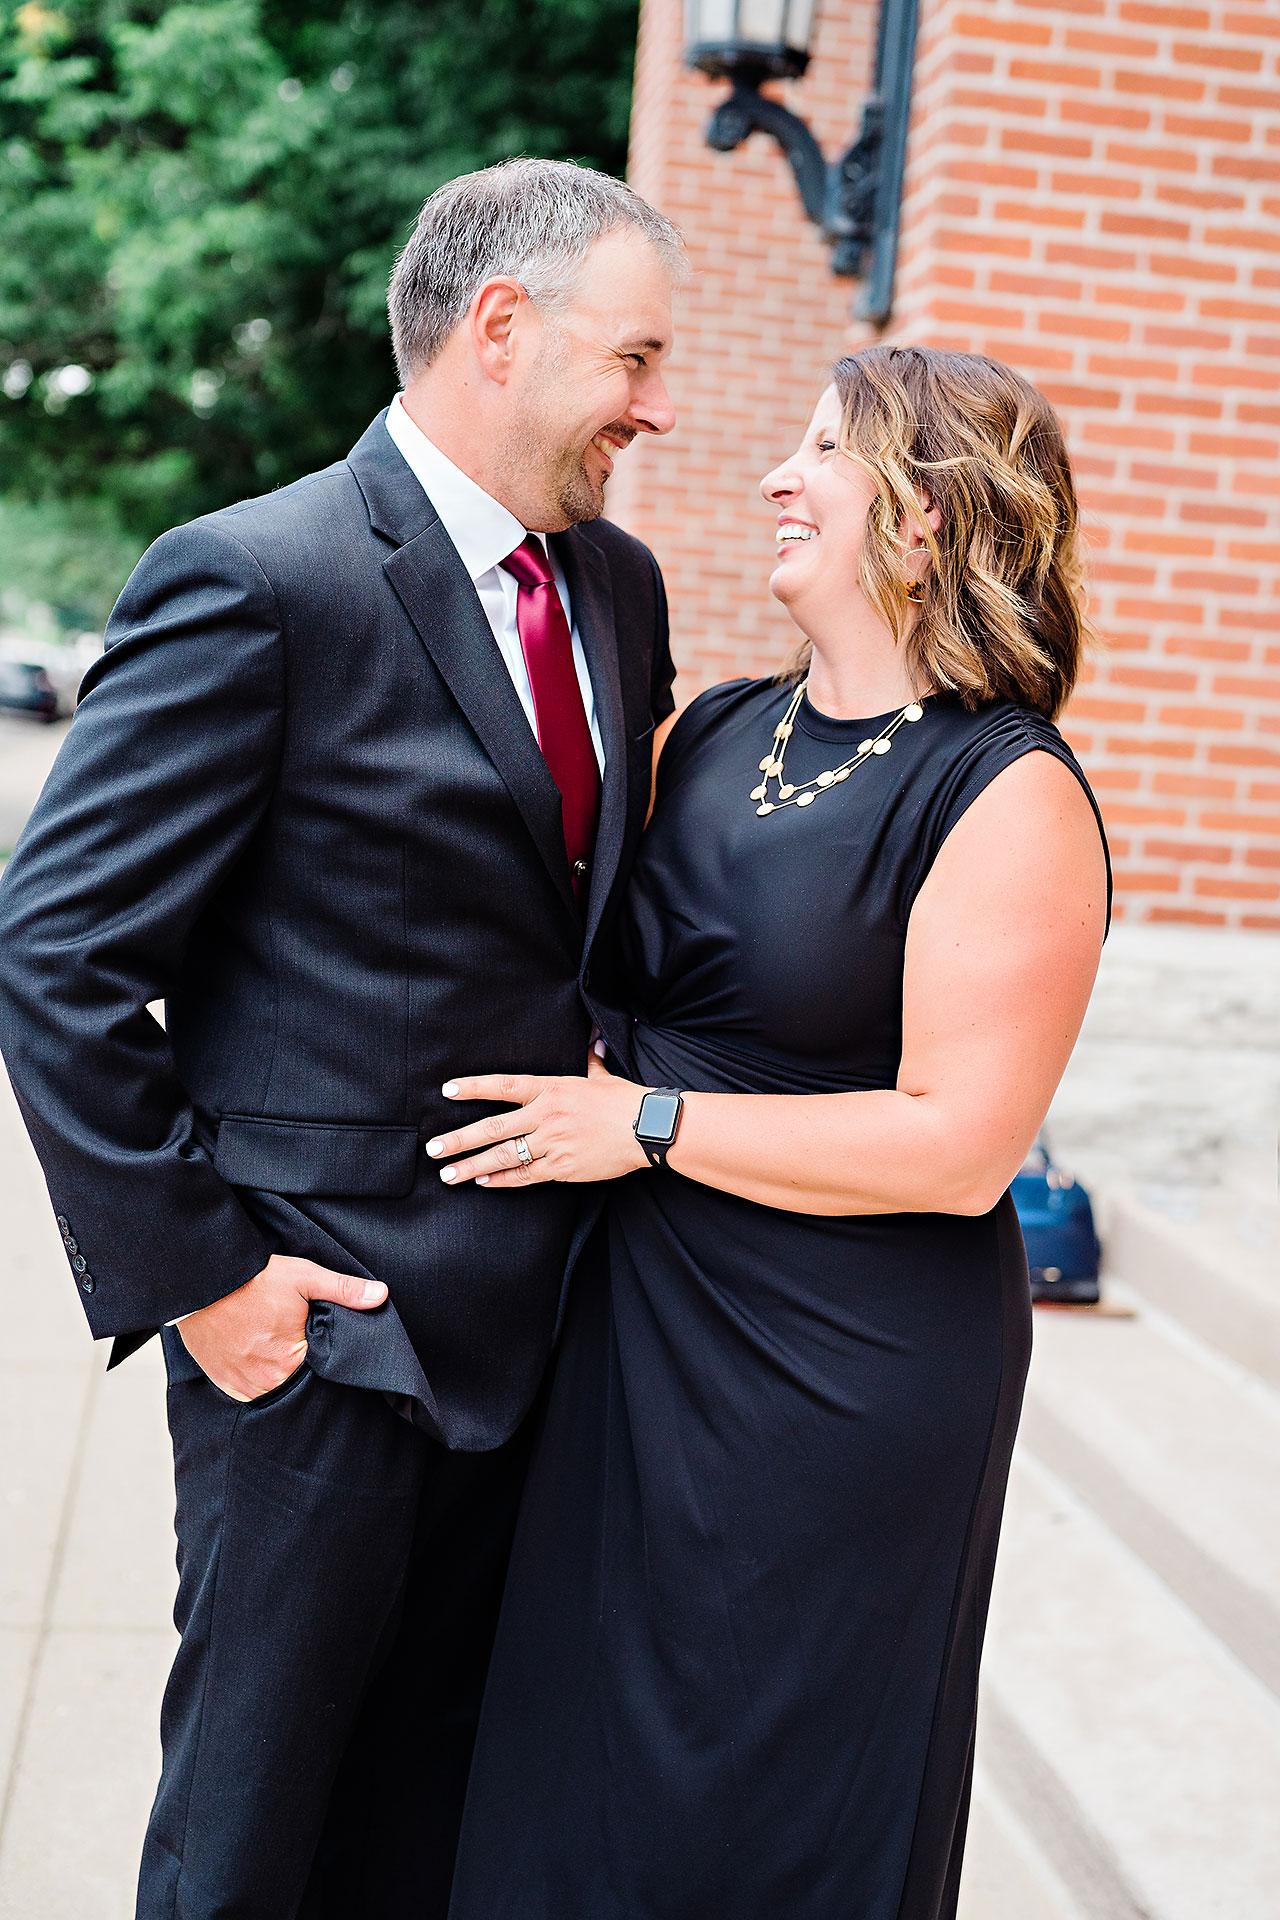 Kara Sean Fountain Square Theater Indianapolis Wedding 105